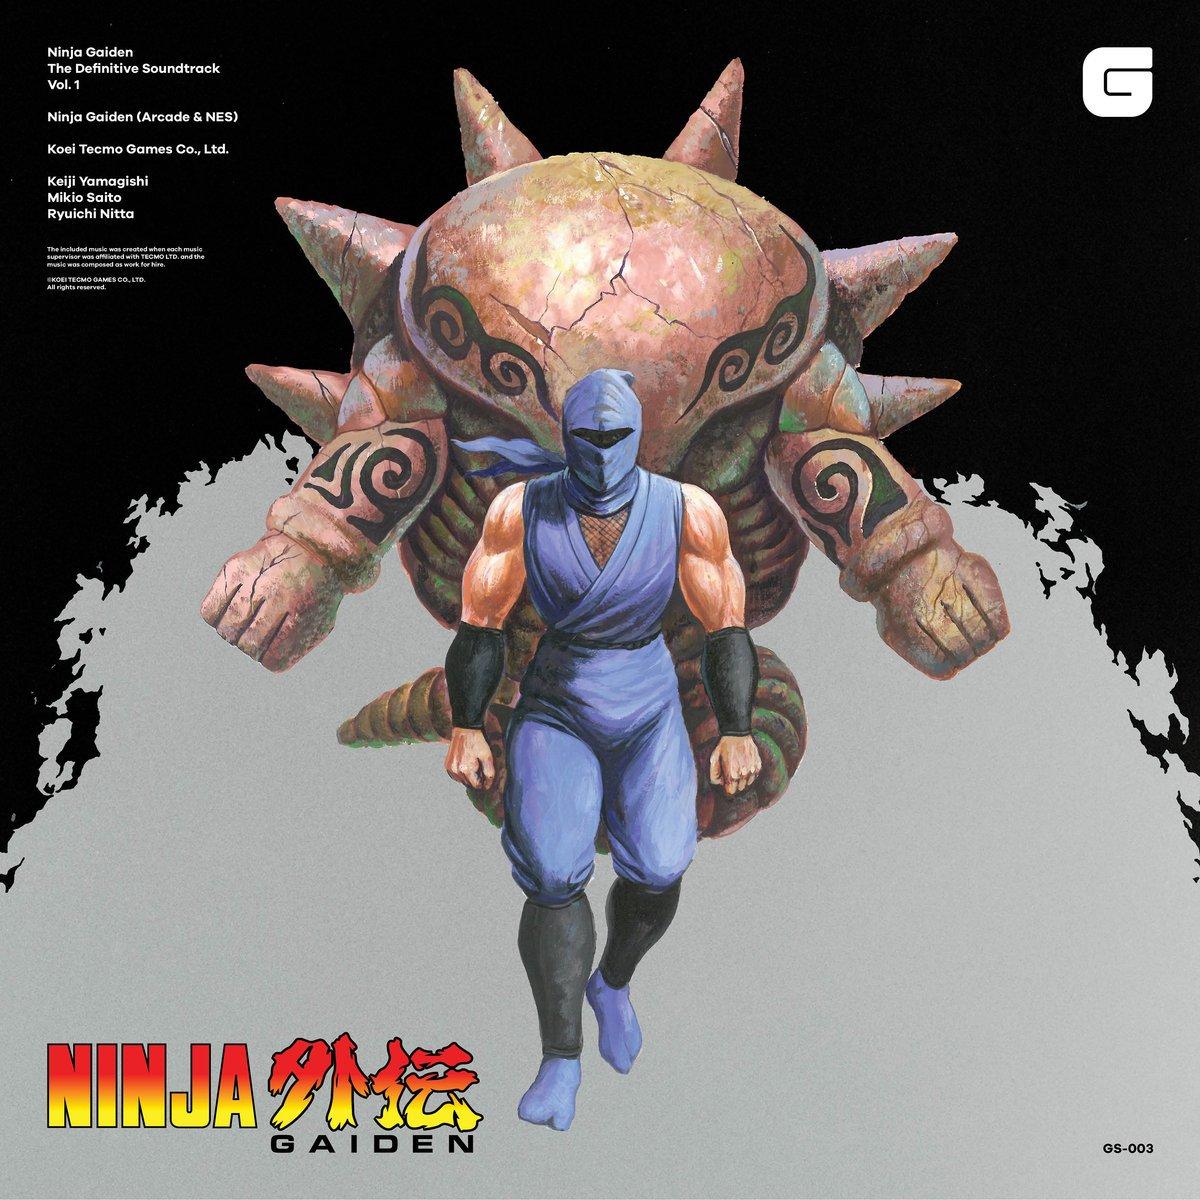 Ninja Gaiden Vol. 1 - Front